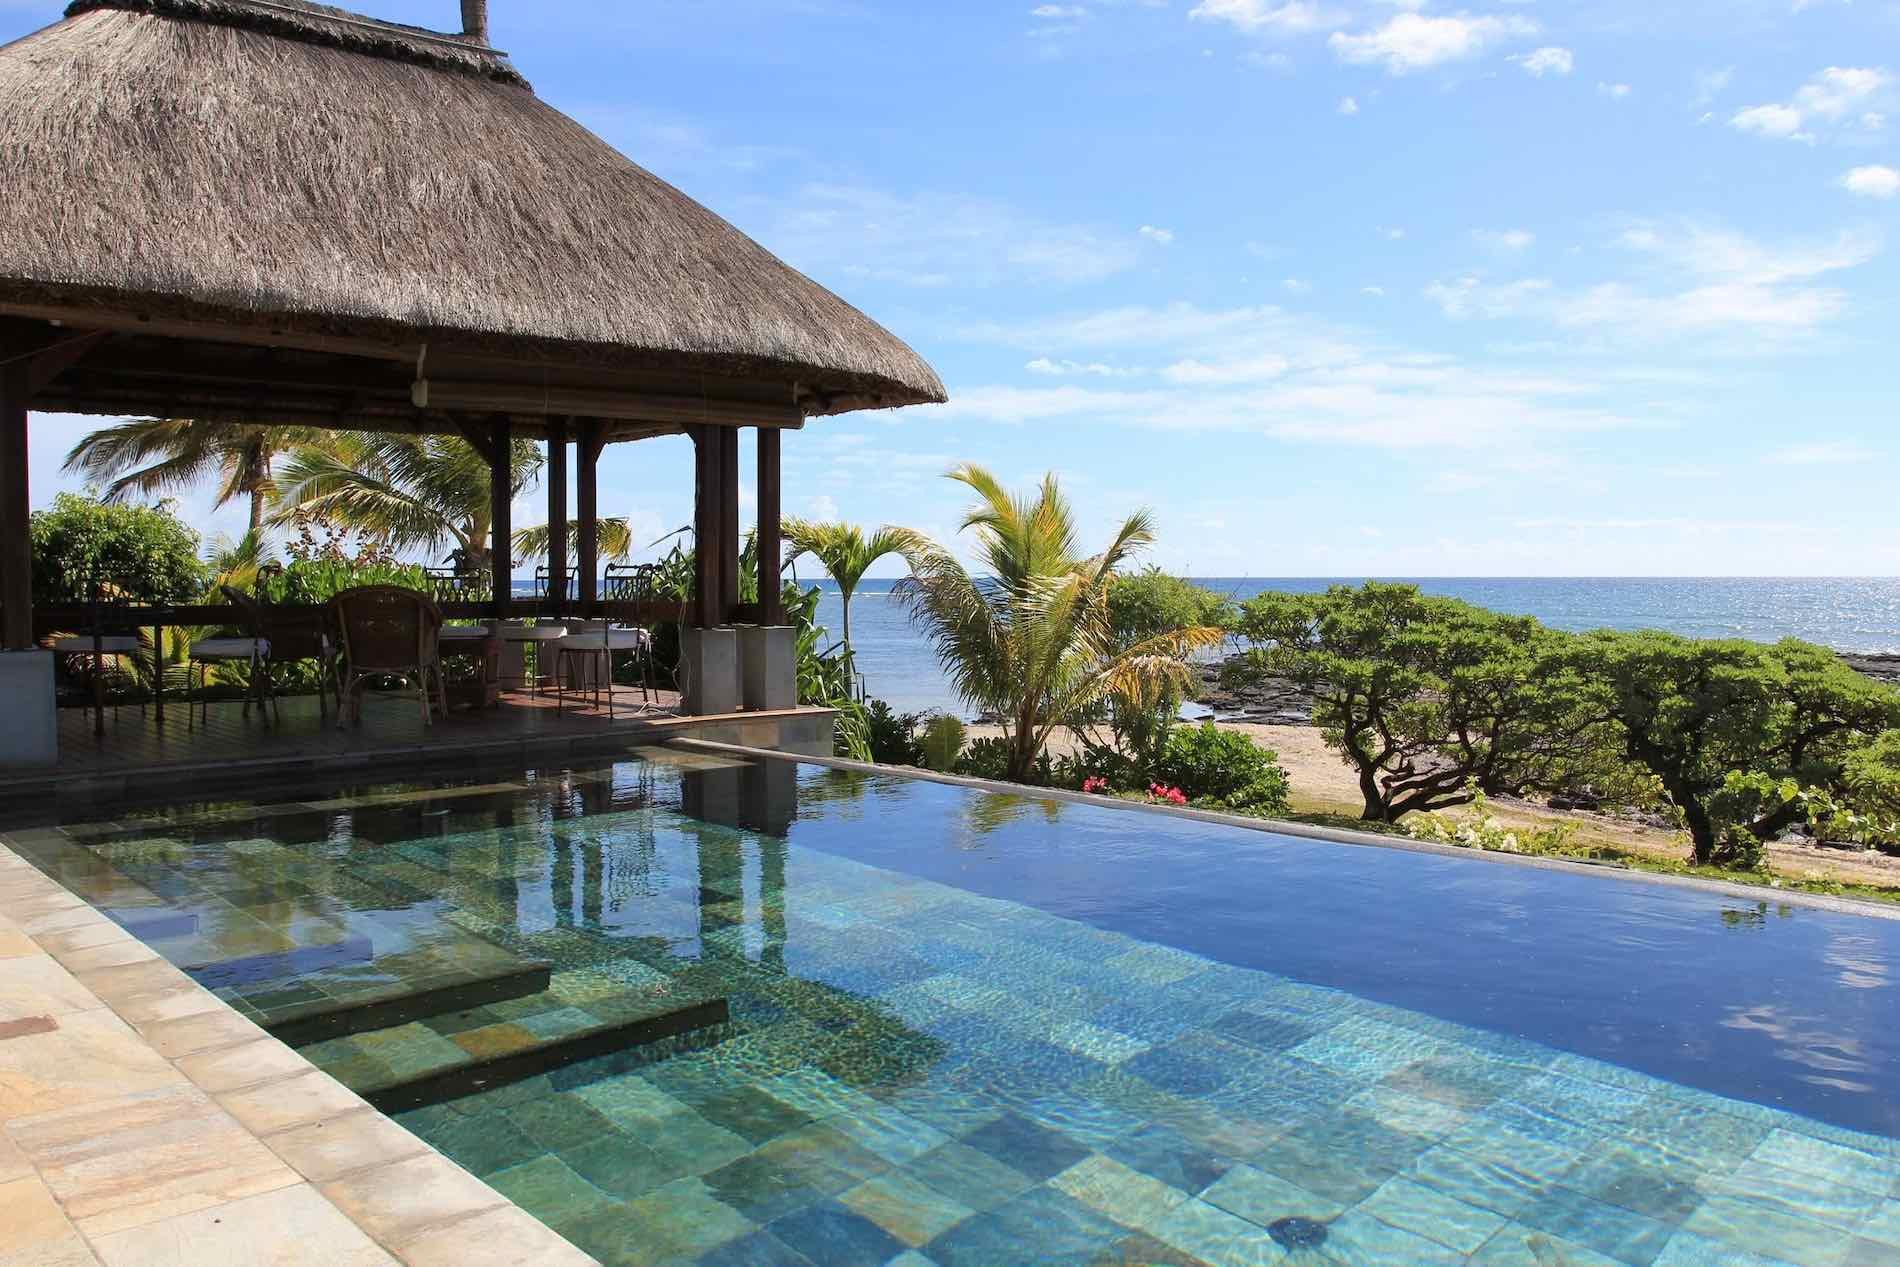 Mauricio destino para vacaciones de lujo hechas a medida.